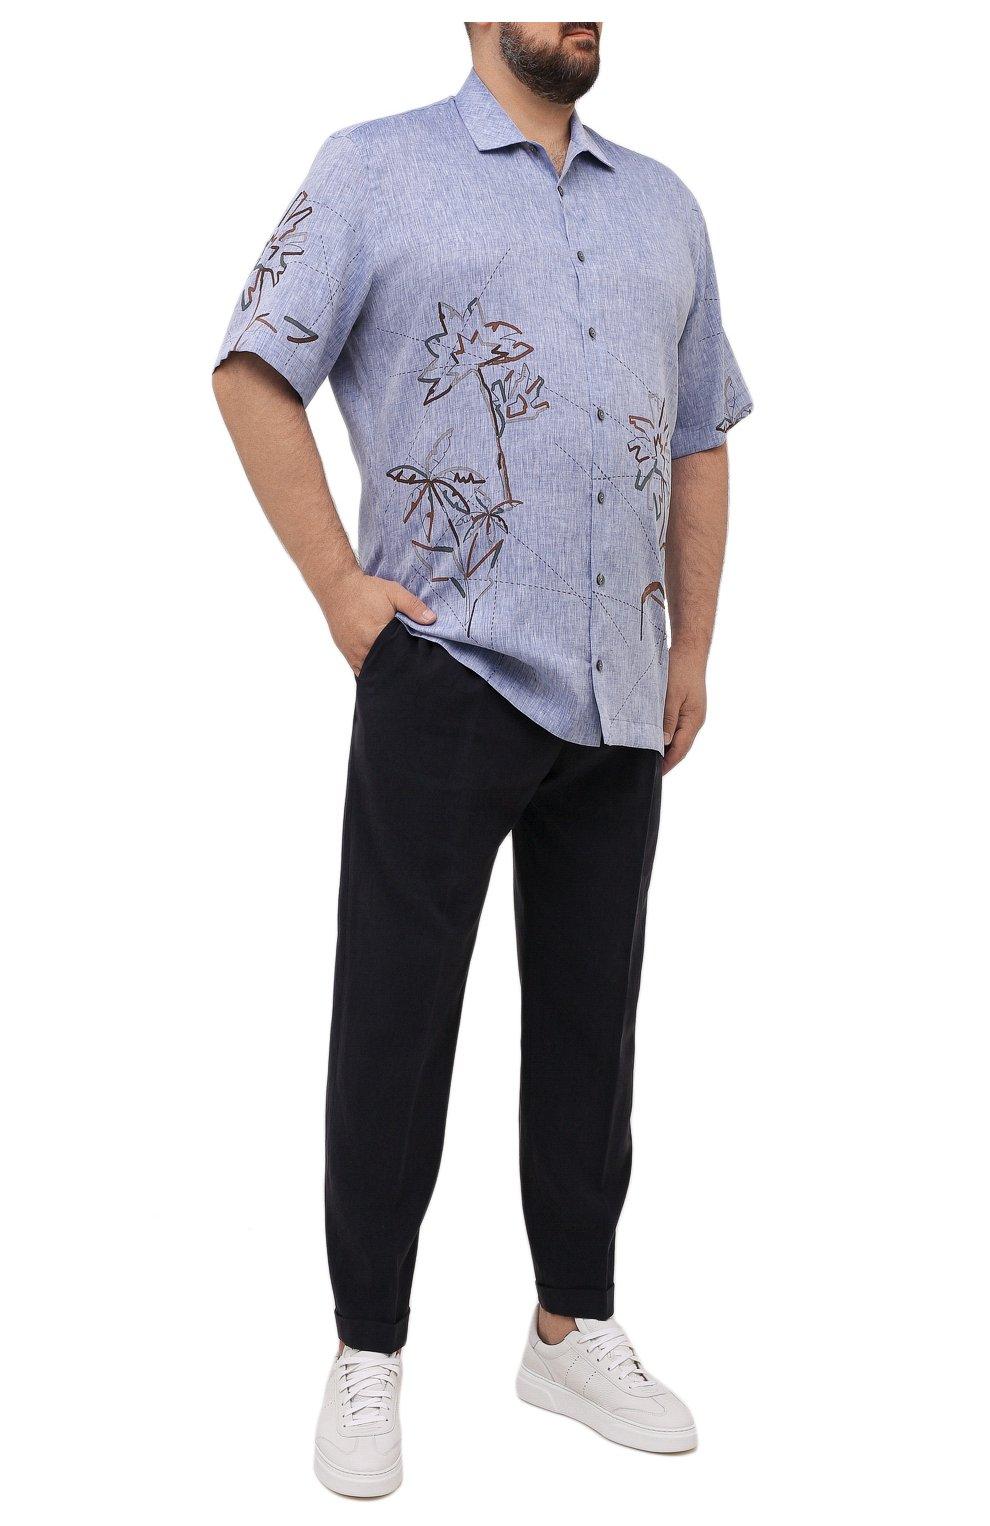 Мужская льняная рубашка CORTIGIANI синего цвета, арт. 115620/0000/60-70   Фото 2 (Воротник: Акула; Рукава: Короткие; Случай: Повседневный; Принт: С принтом; Длина (для топов): Удлиненные; Материал внешний: Лен; Стили: Кэжуэл)